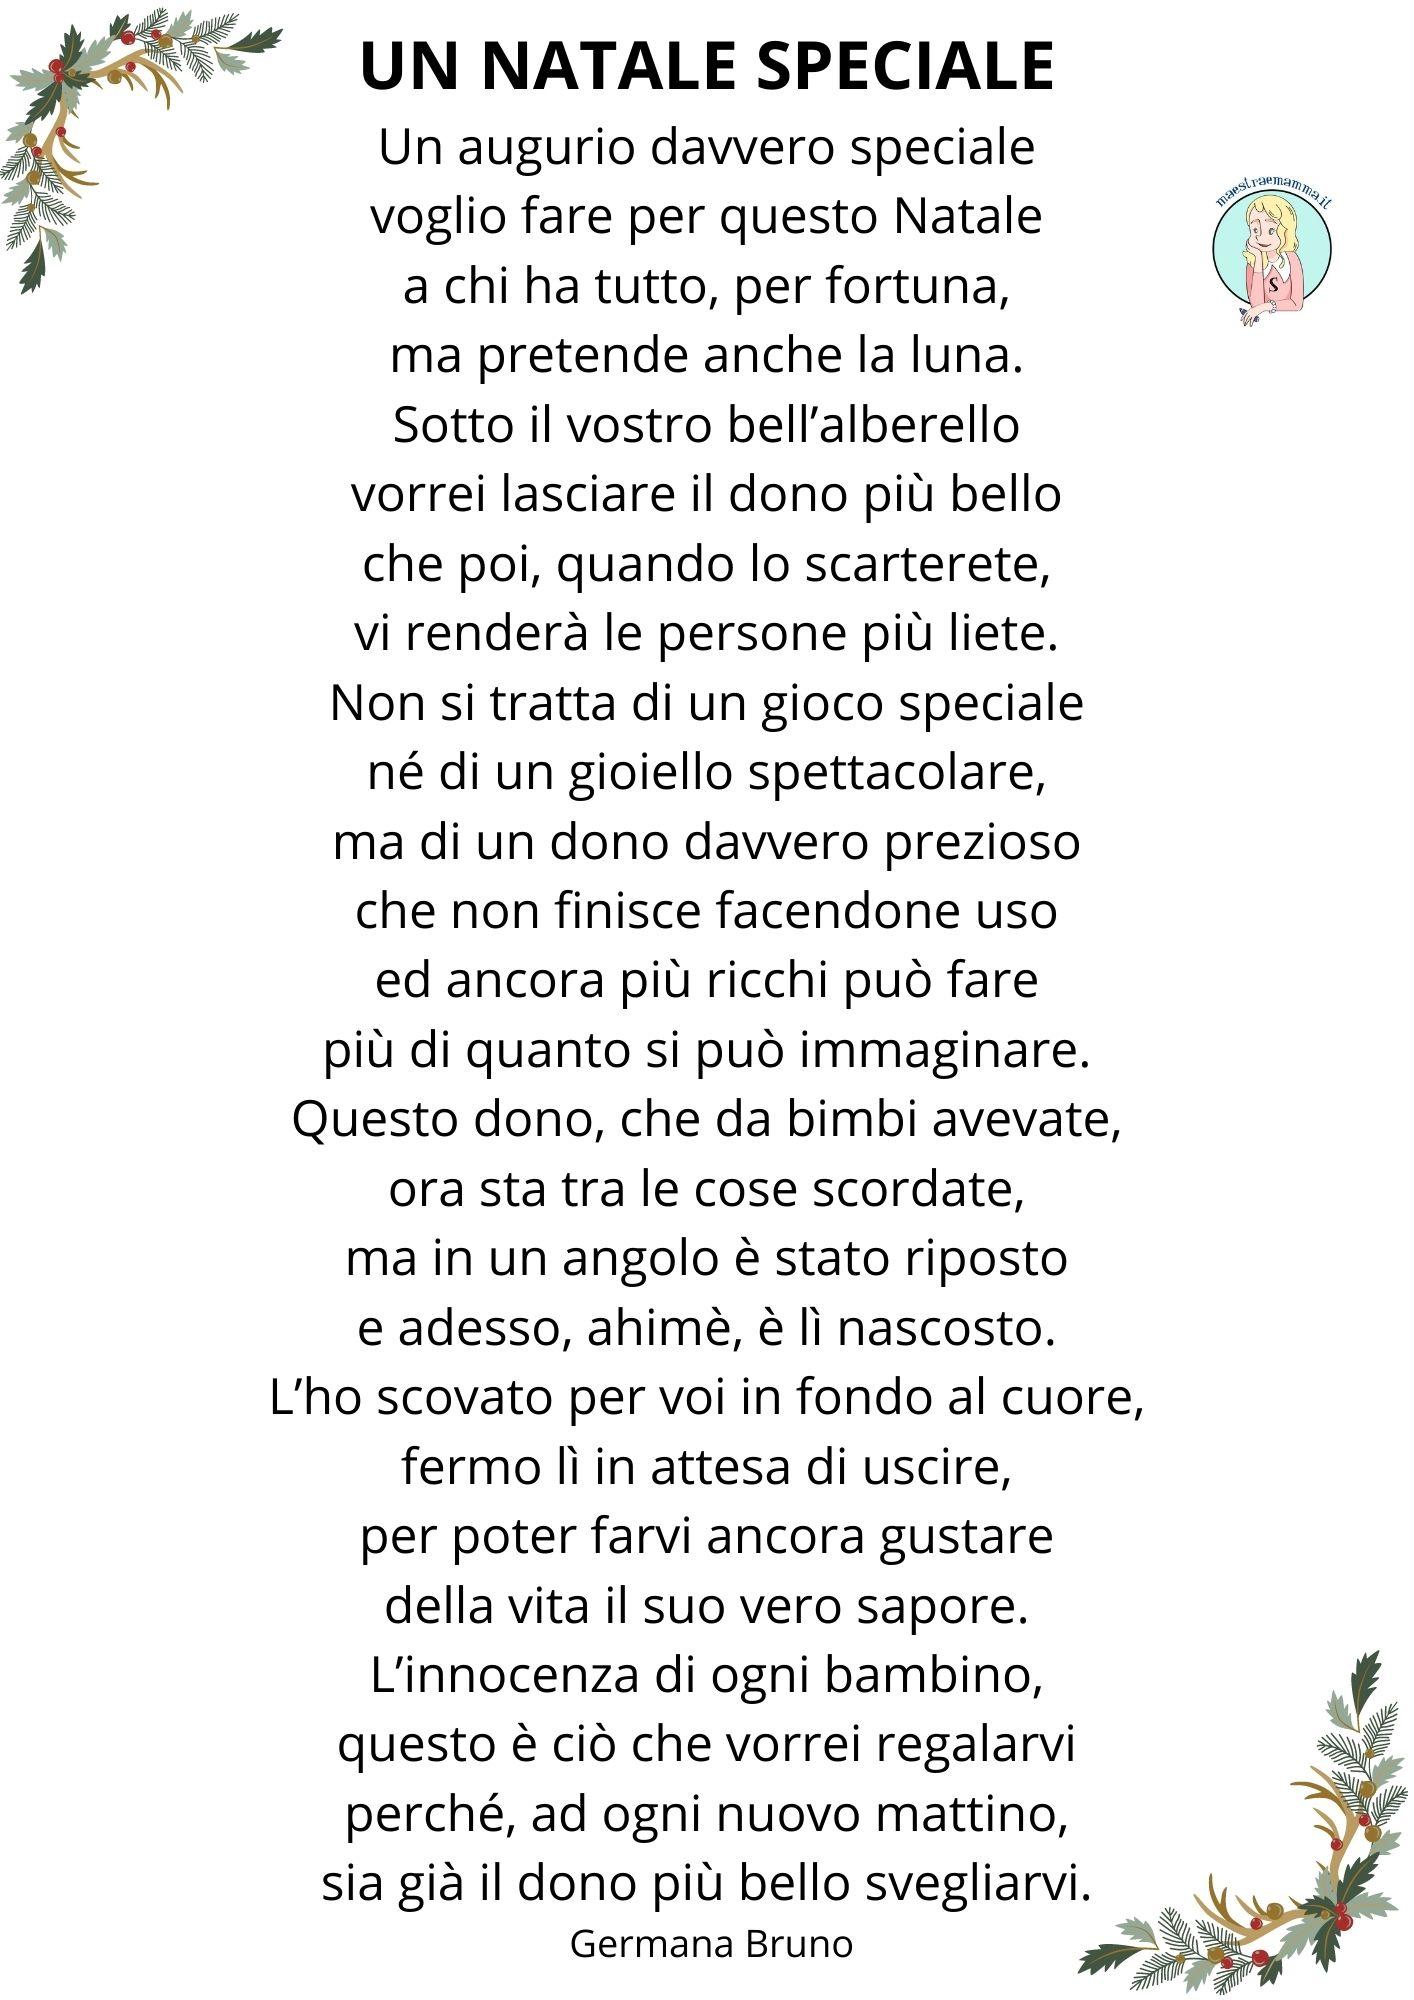 Poesia sul Natale di Germana Bruno – Un Natale speciale